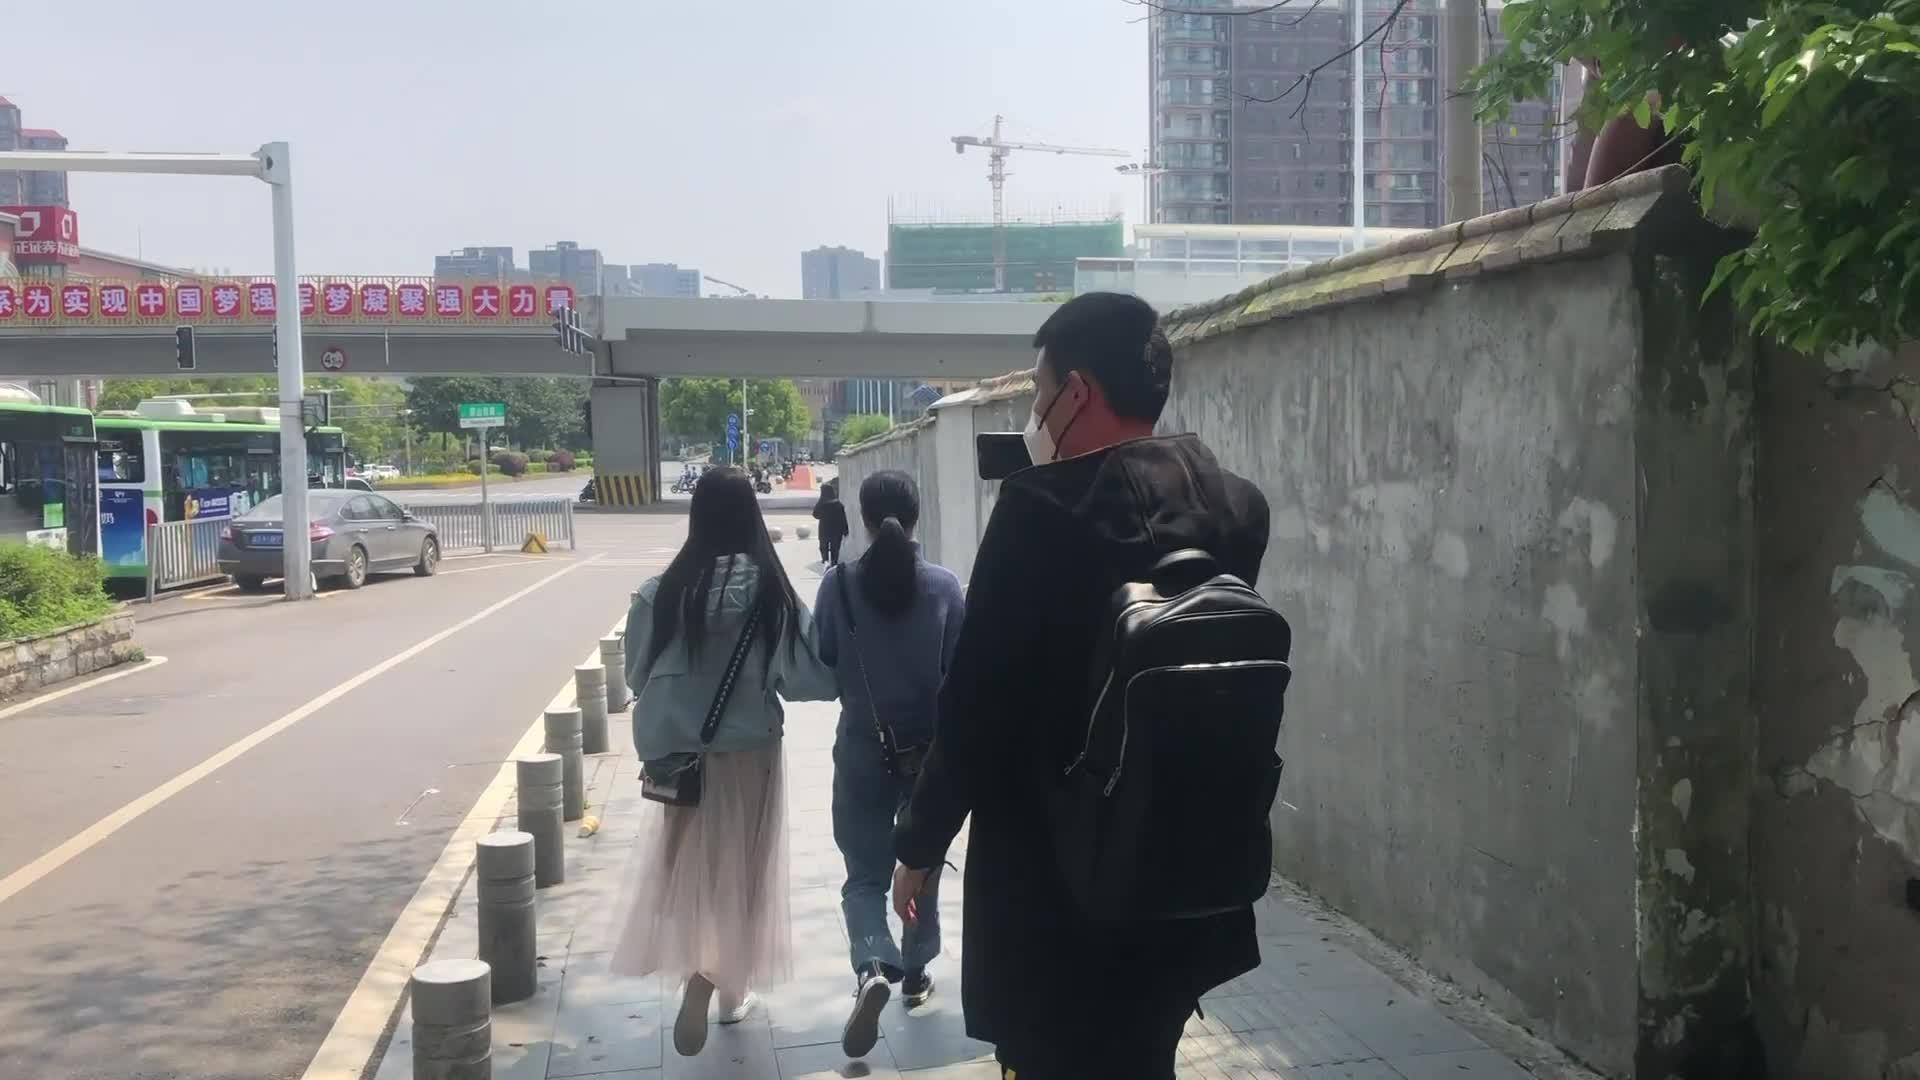 【团建】2020年4月24日 长沙团队岳麓山之行